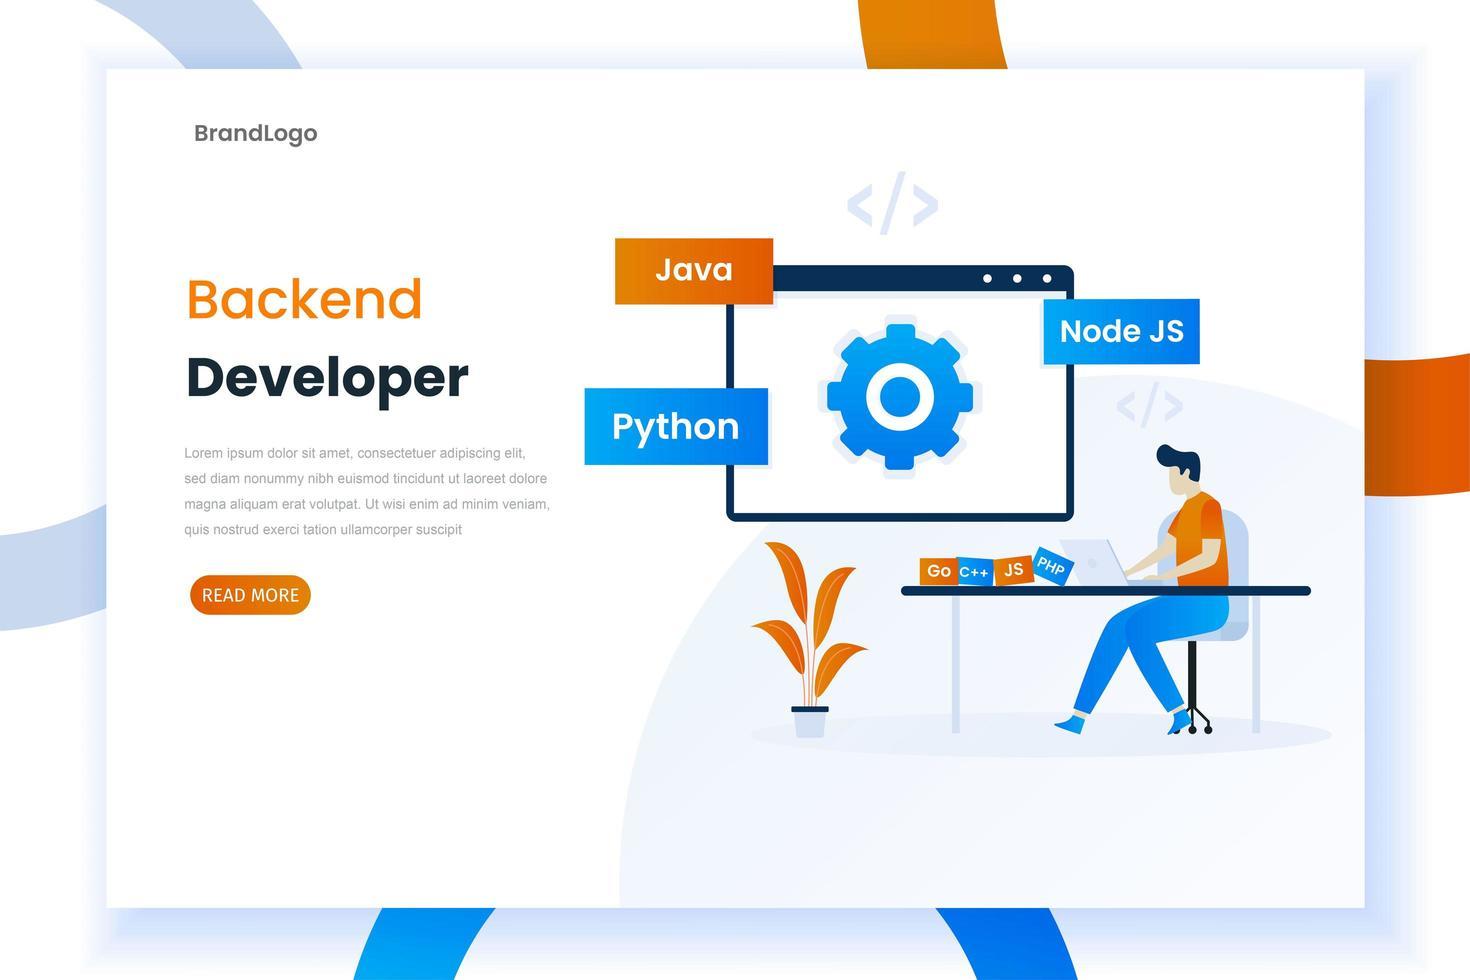 linguaggi di programmazione per lo sviluppo di backend vettore